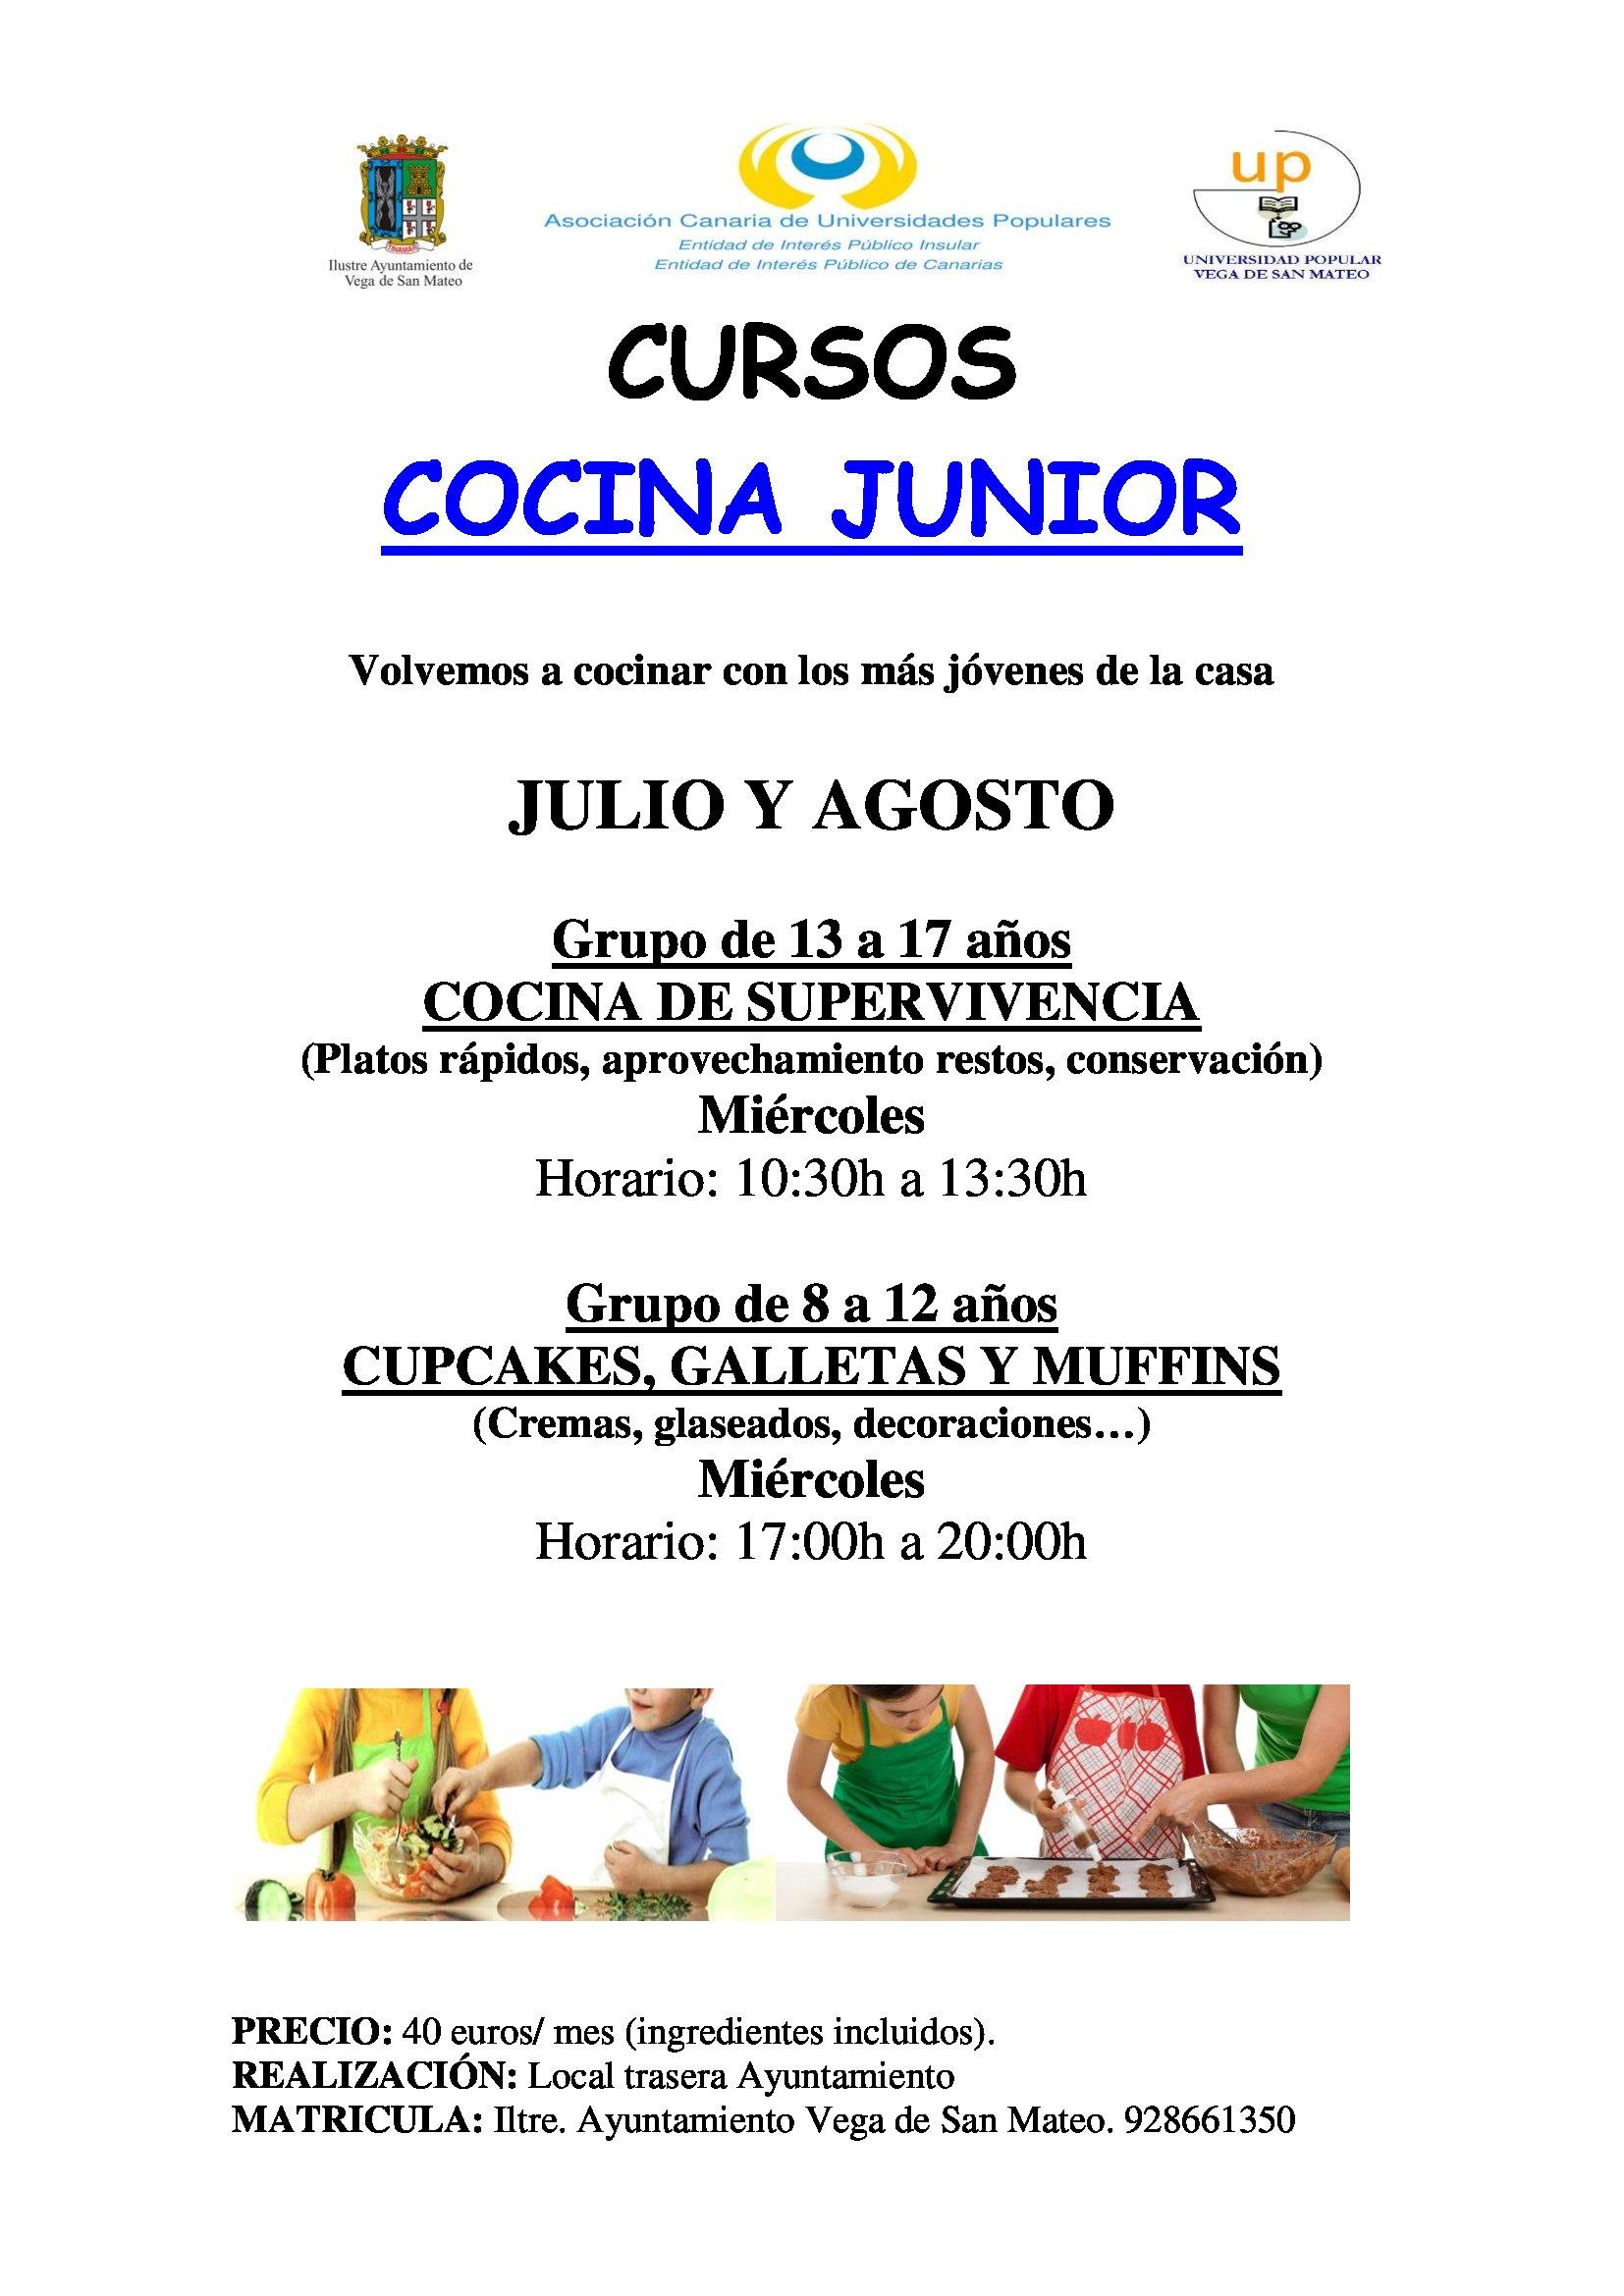 cartel-cocina-junior-20199137184531483003646.jpg